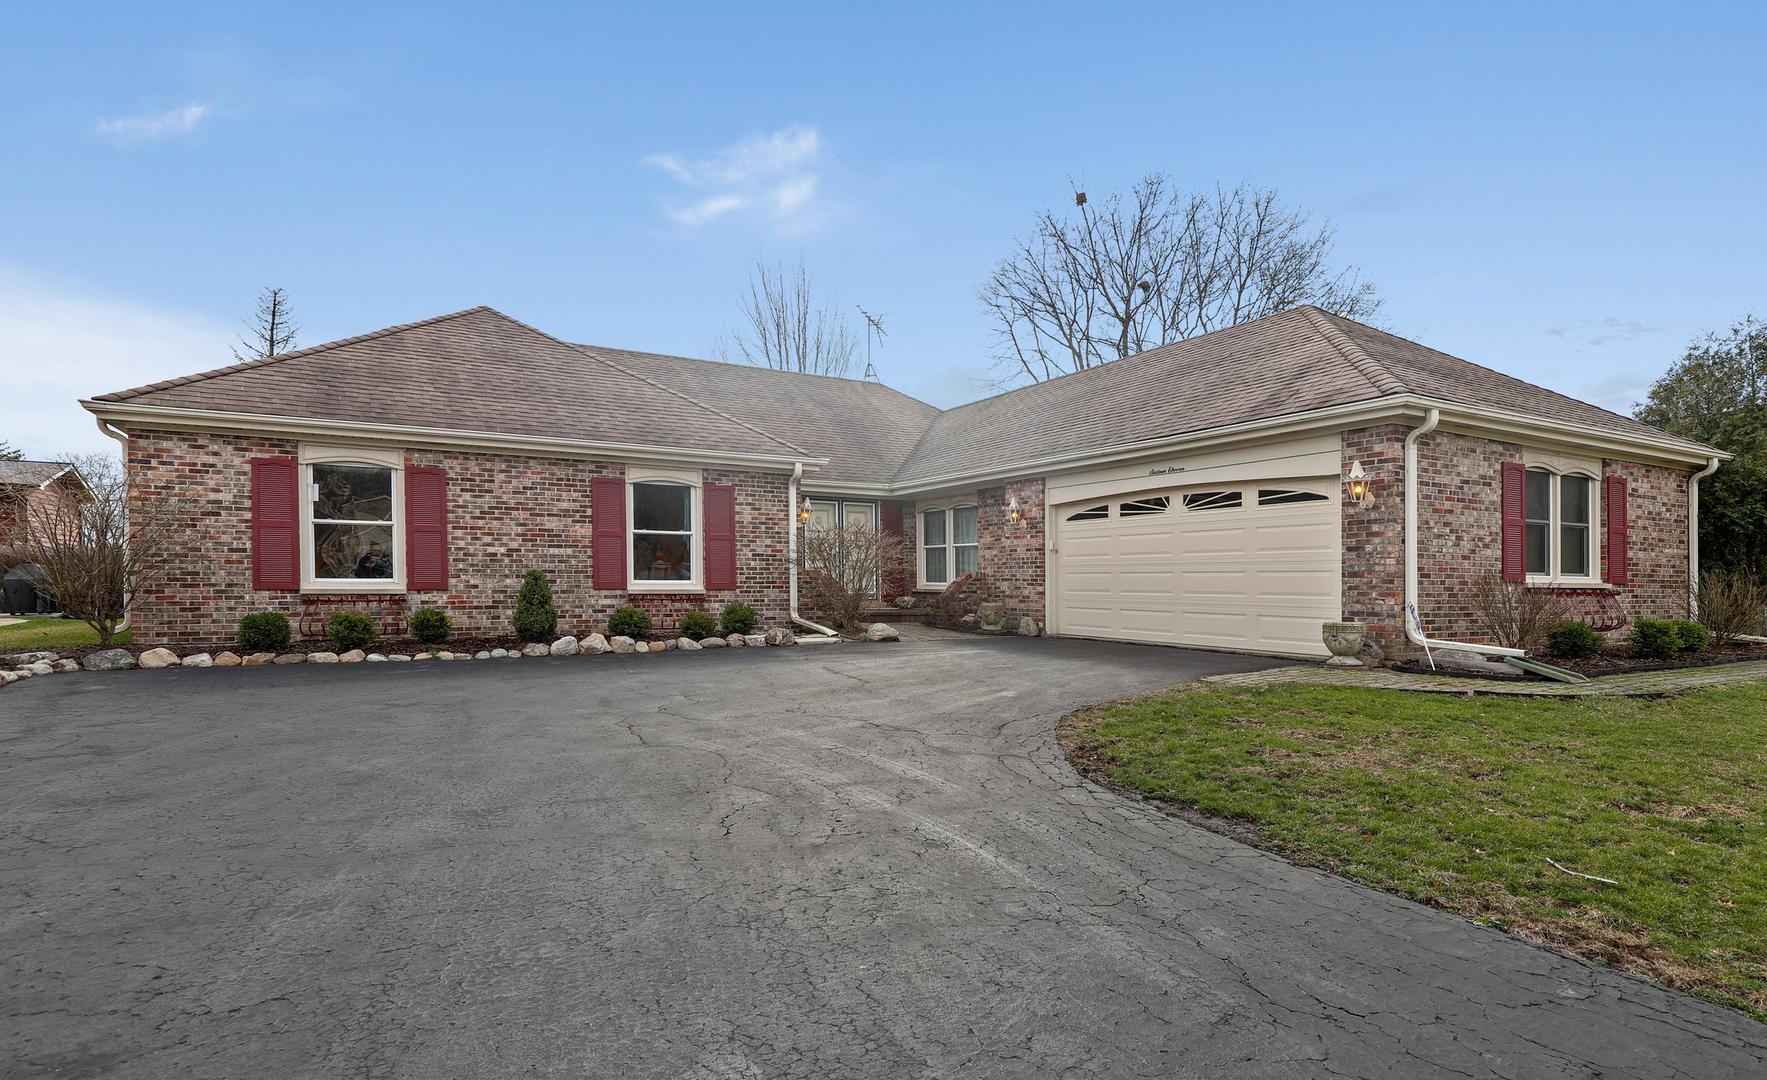 1611 Robin Lane, Glenview IL 60025